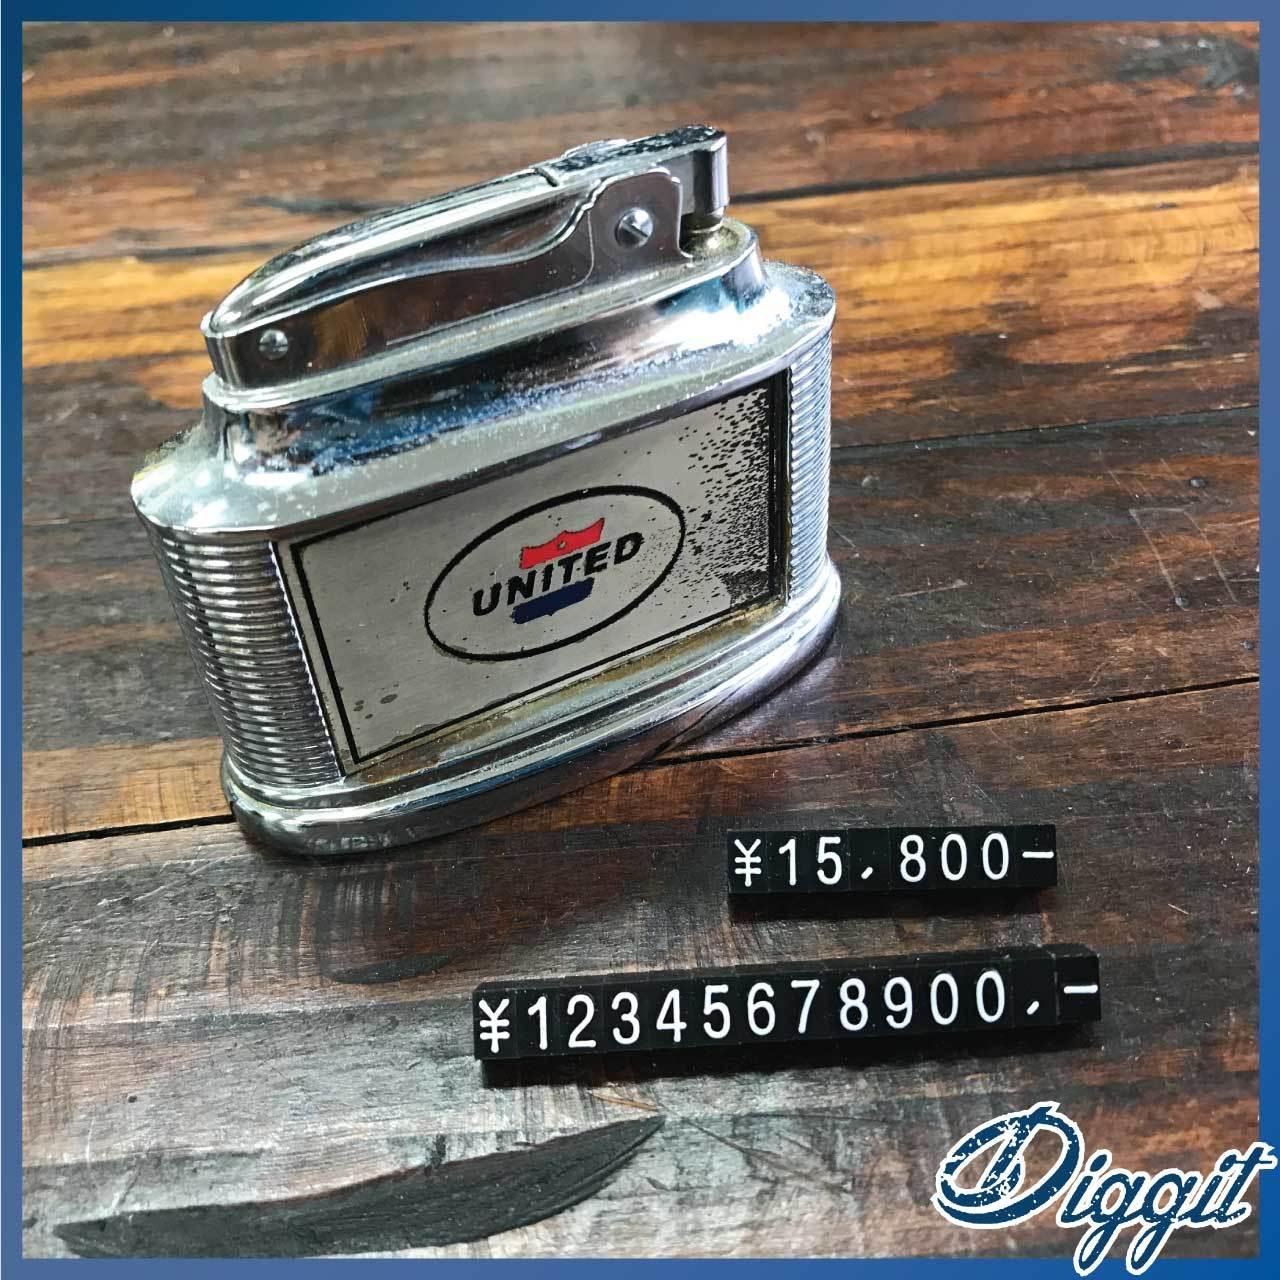 【SALE】プライスタグ10本セット(L)・バータイプ・ショーケース用・価格表示タグ・ミニサイズ